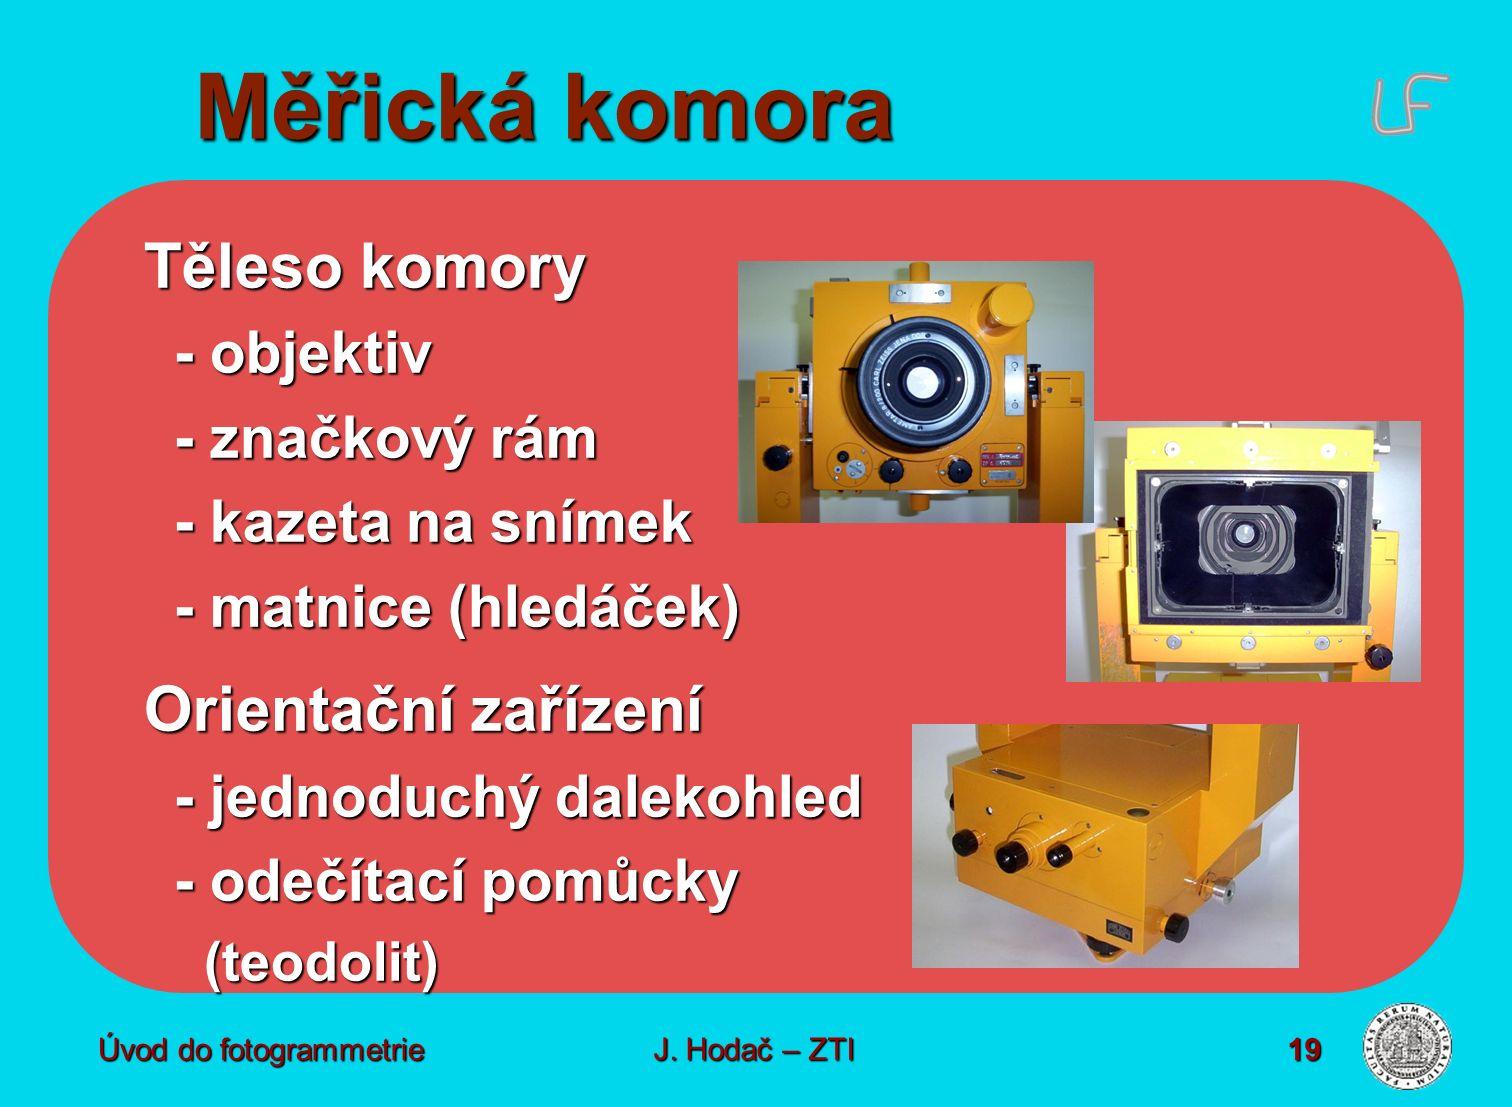 Úvod do fotogrammetrie19 Měřická komora Těleso komory - objektiv - značkový rám - kazeta na snímek - matnice (hledáček) Orientační zařízení - jednoduchý dalekohled - odečítací pomůcky (teodolit) (teodolit) J.